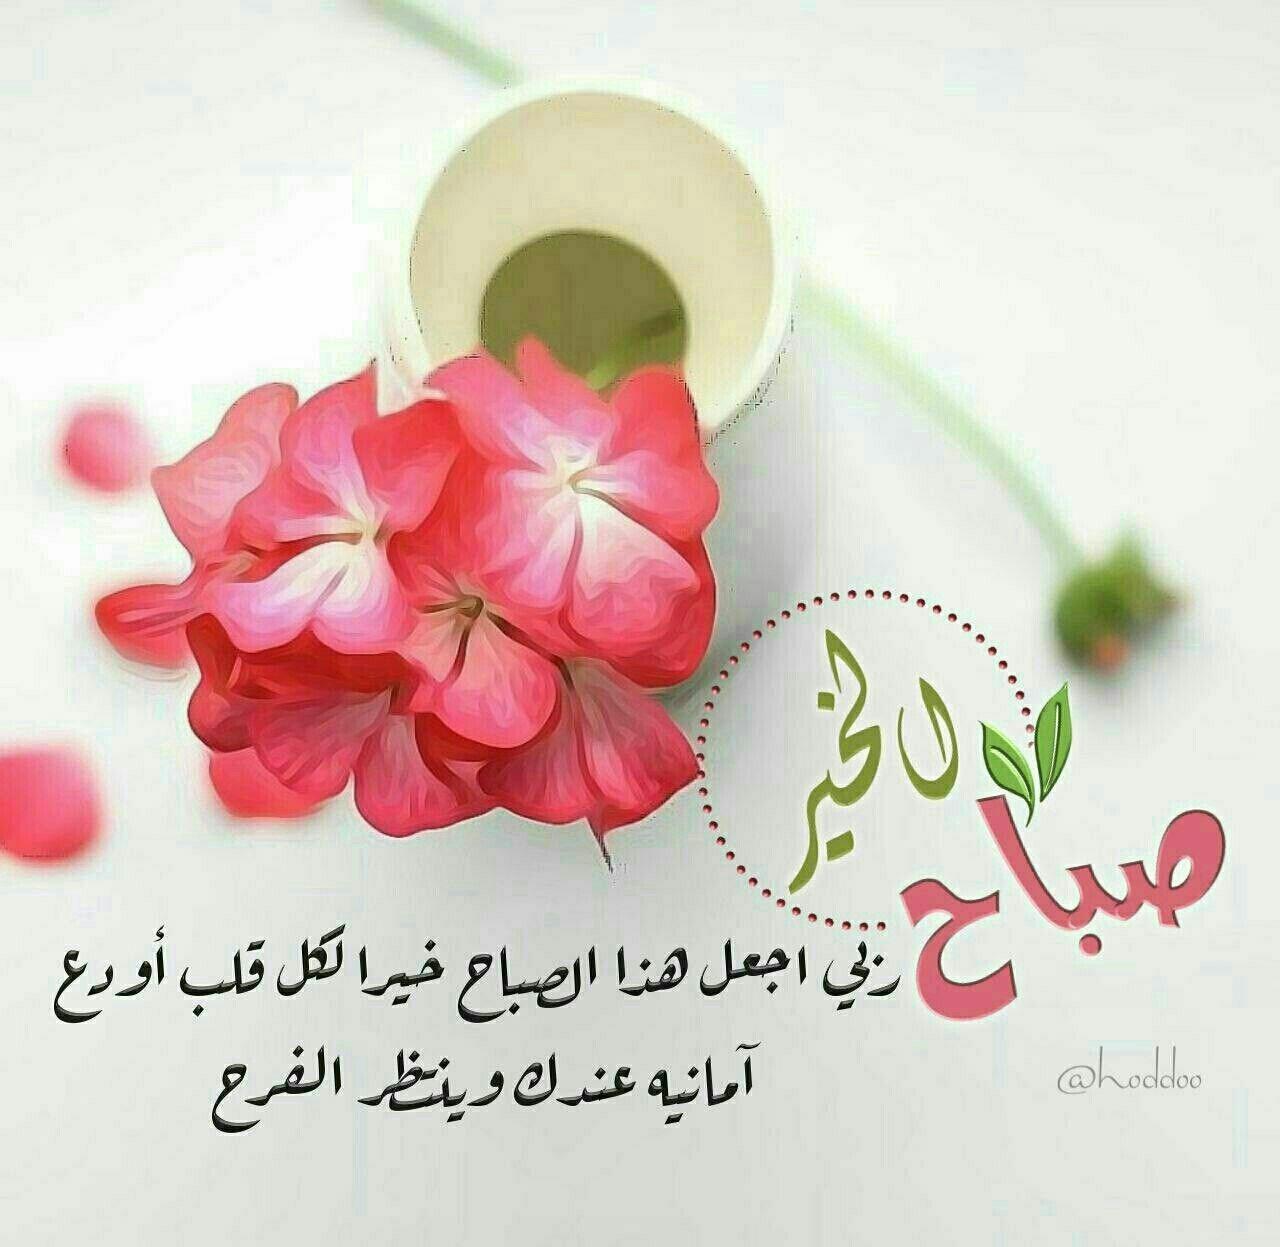 إشــツـراقة الصبــ ــاح هنيئا لمن يبدأ يومه بهذه العبارة يا مالك الملك وكلت Beautiful Morning Messages Good Morning Arabic Good Morning Flowers